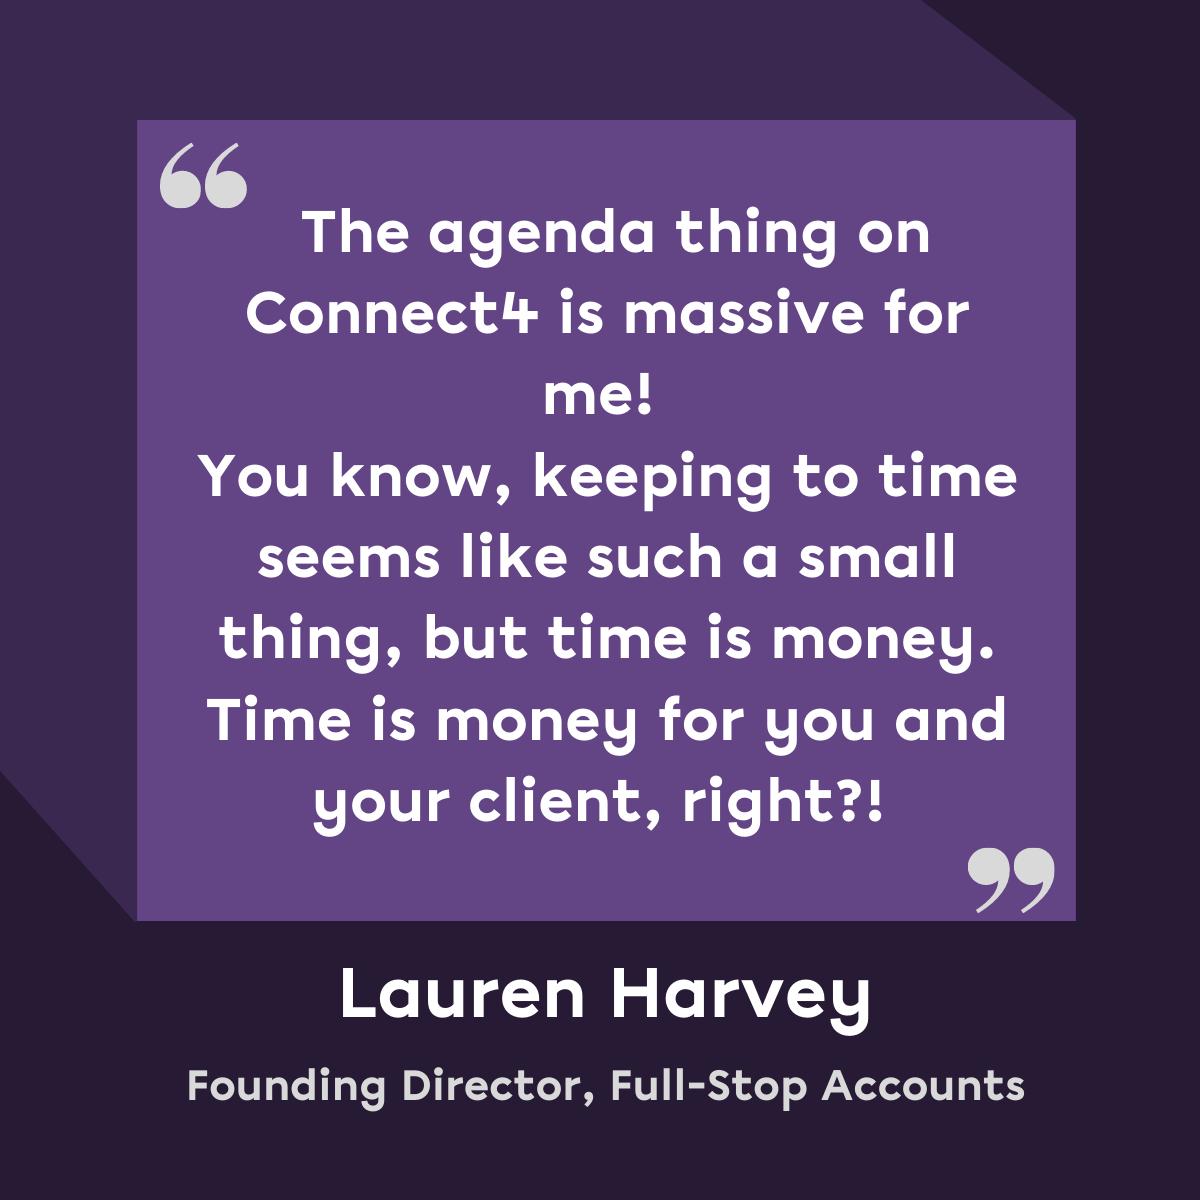 Lauren Harvey Agendas